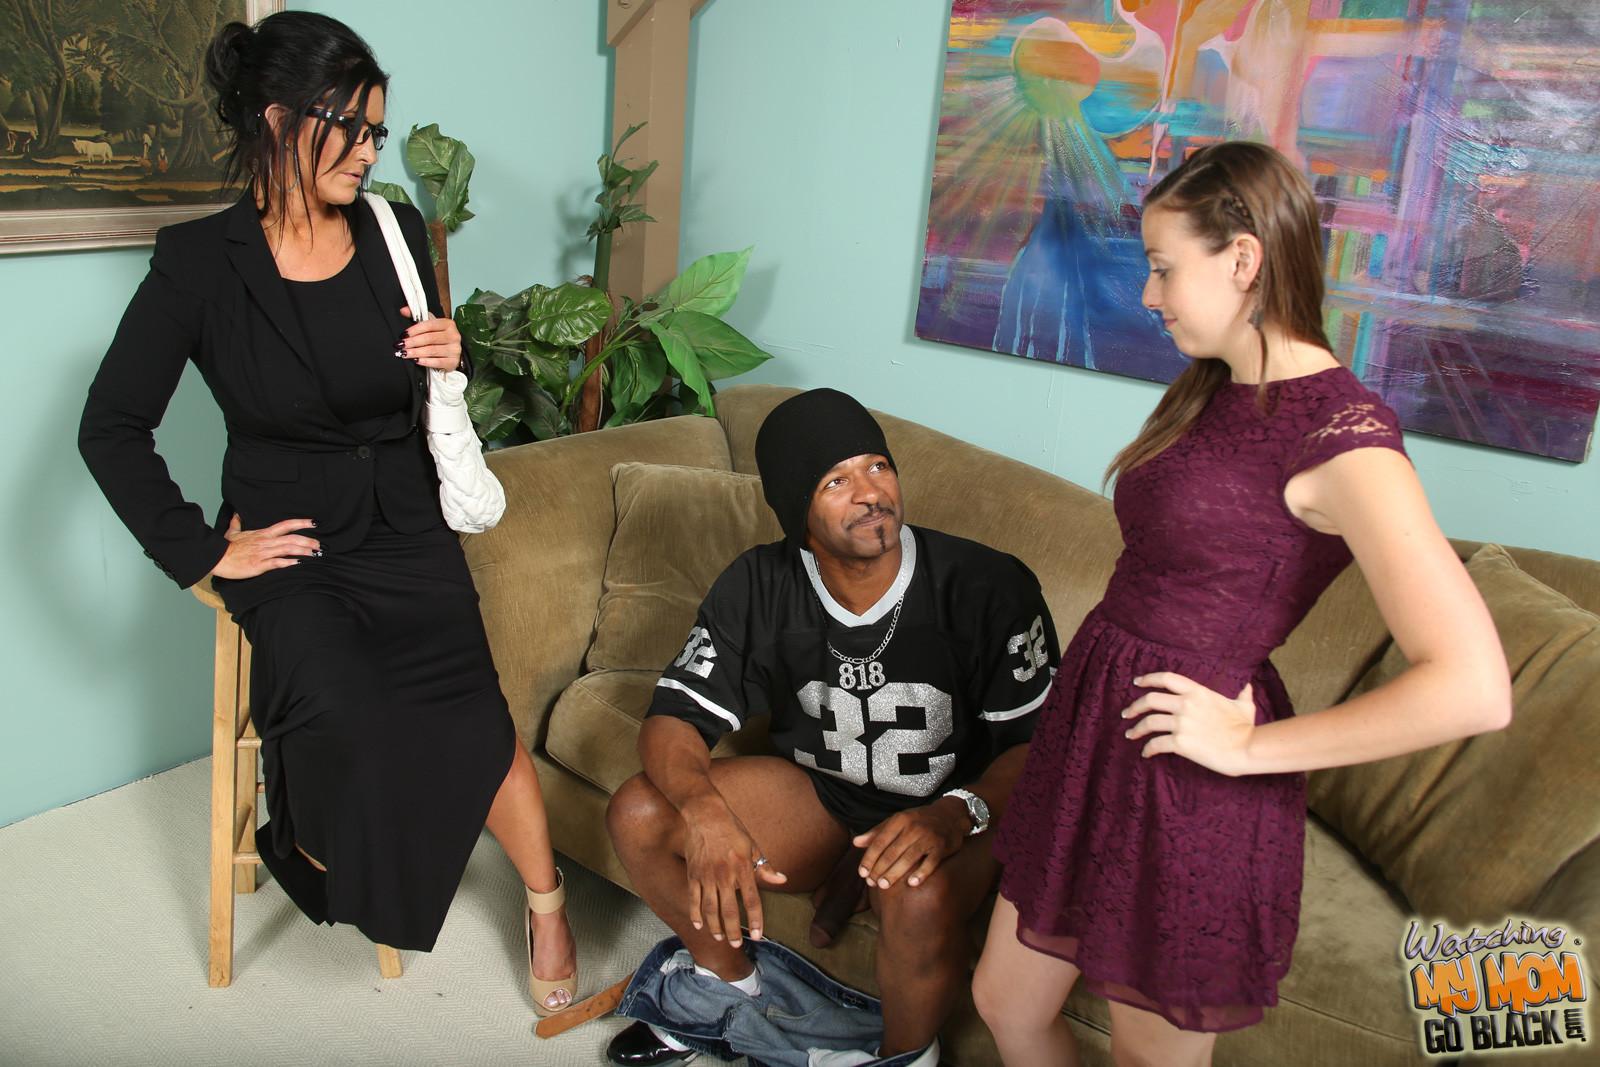 Чернокожему самцу на растерзание отдаются две сексуальные красотки - молодая и зрелая